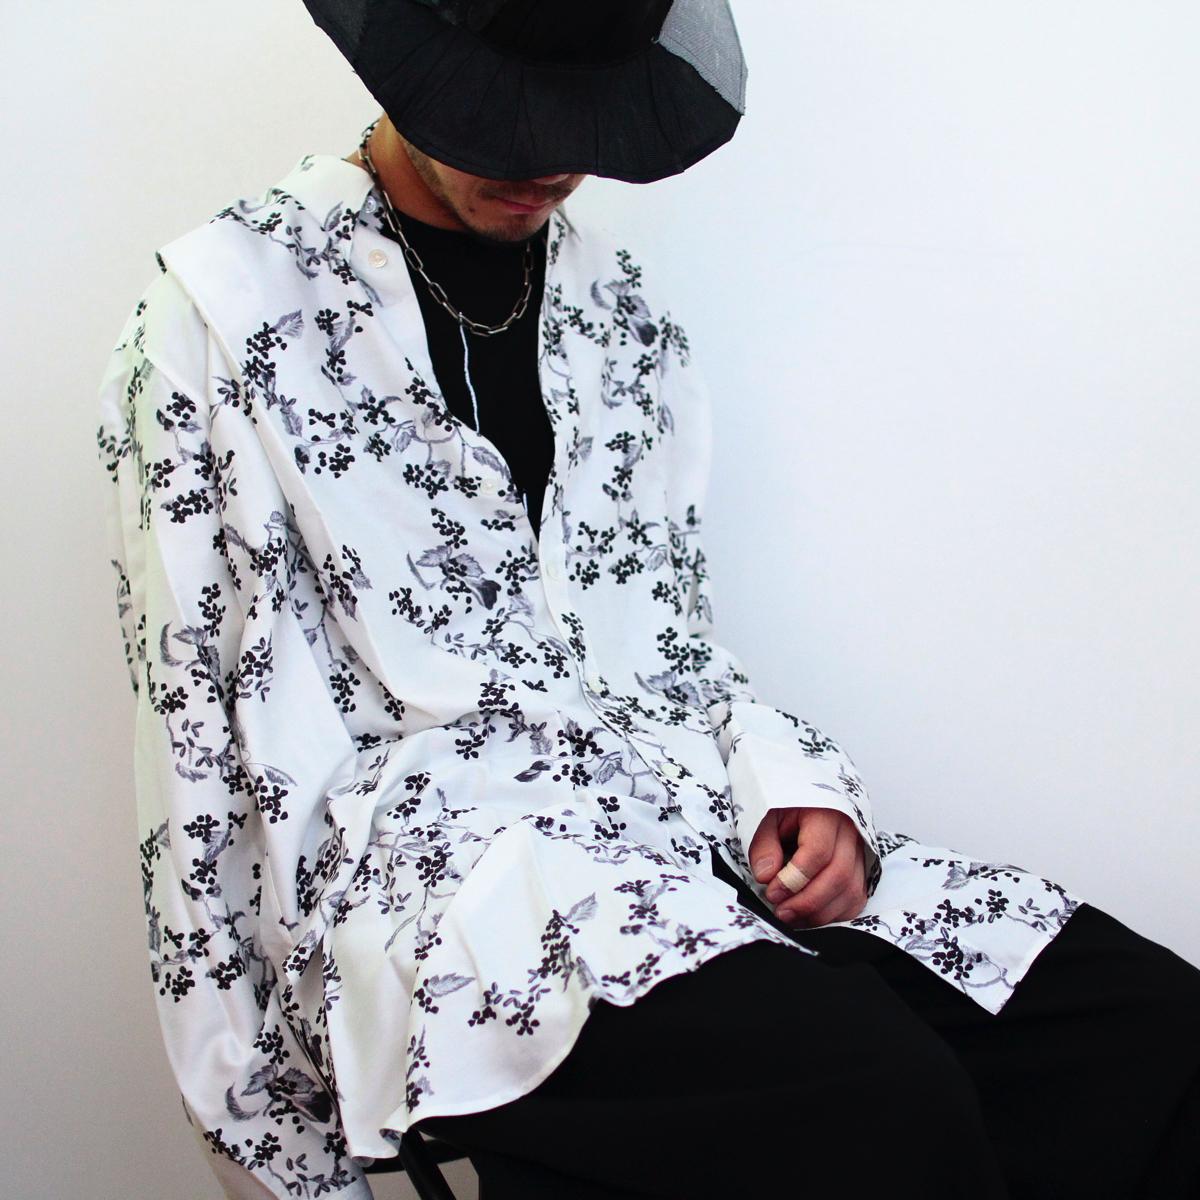 RESTOCK!!! ANN DEMEULEMEESTER Blossom Shirt